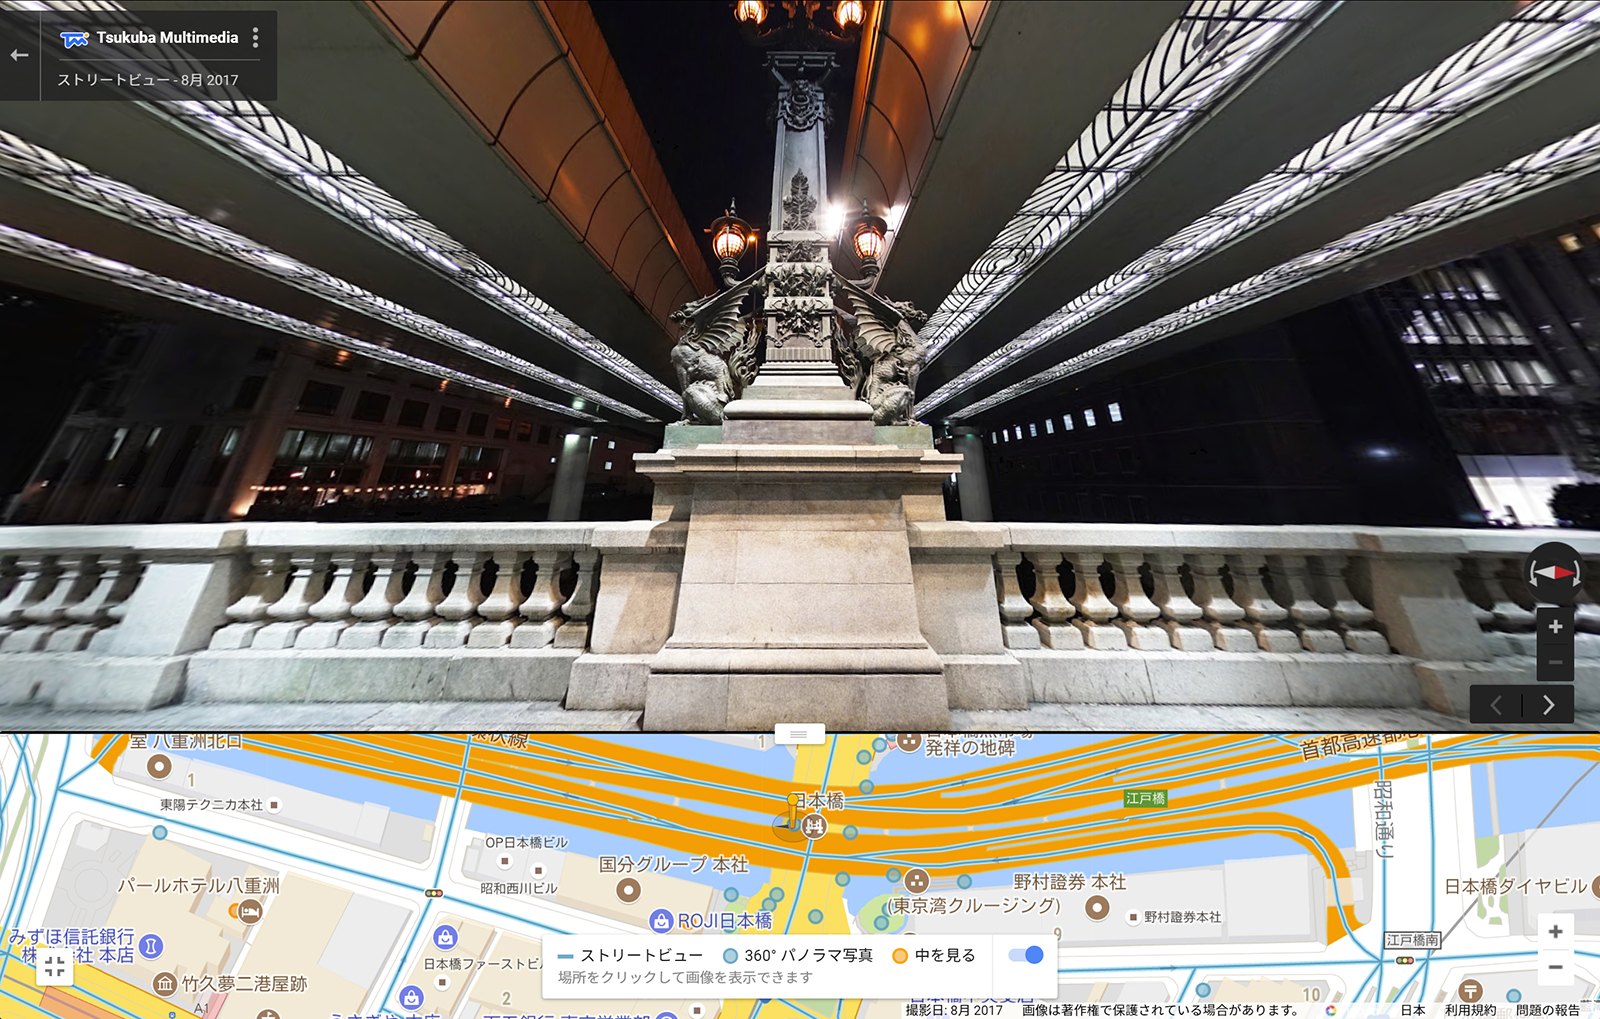 日本橋の中央地点の麒麟像の前